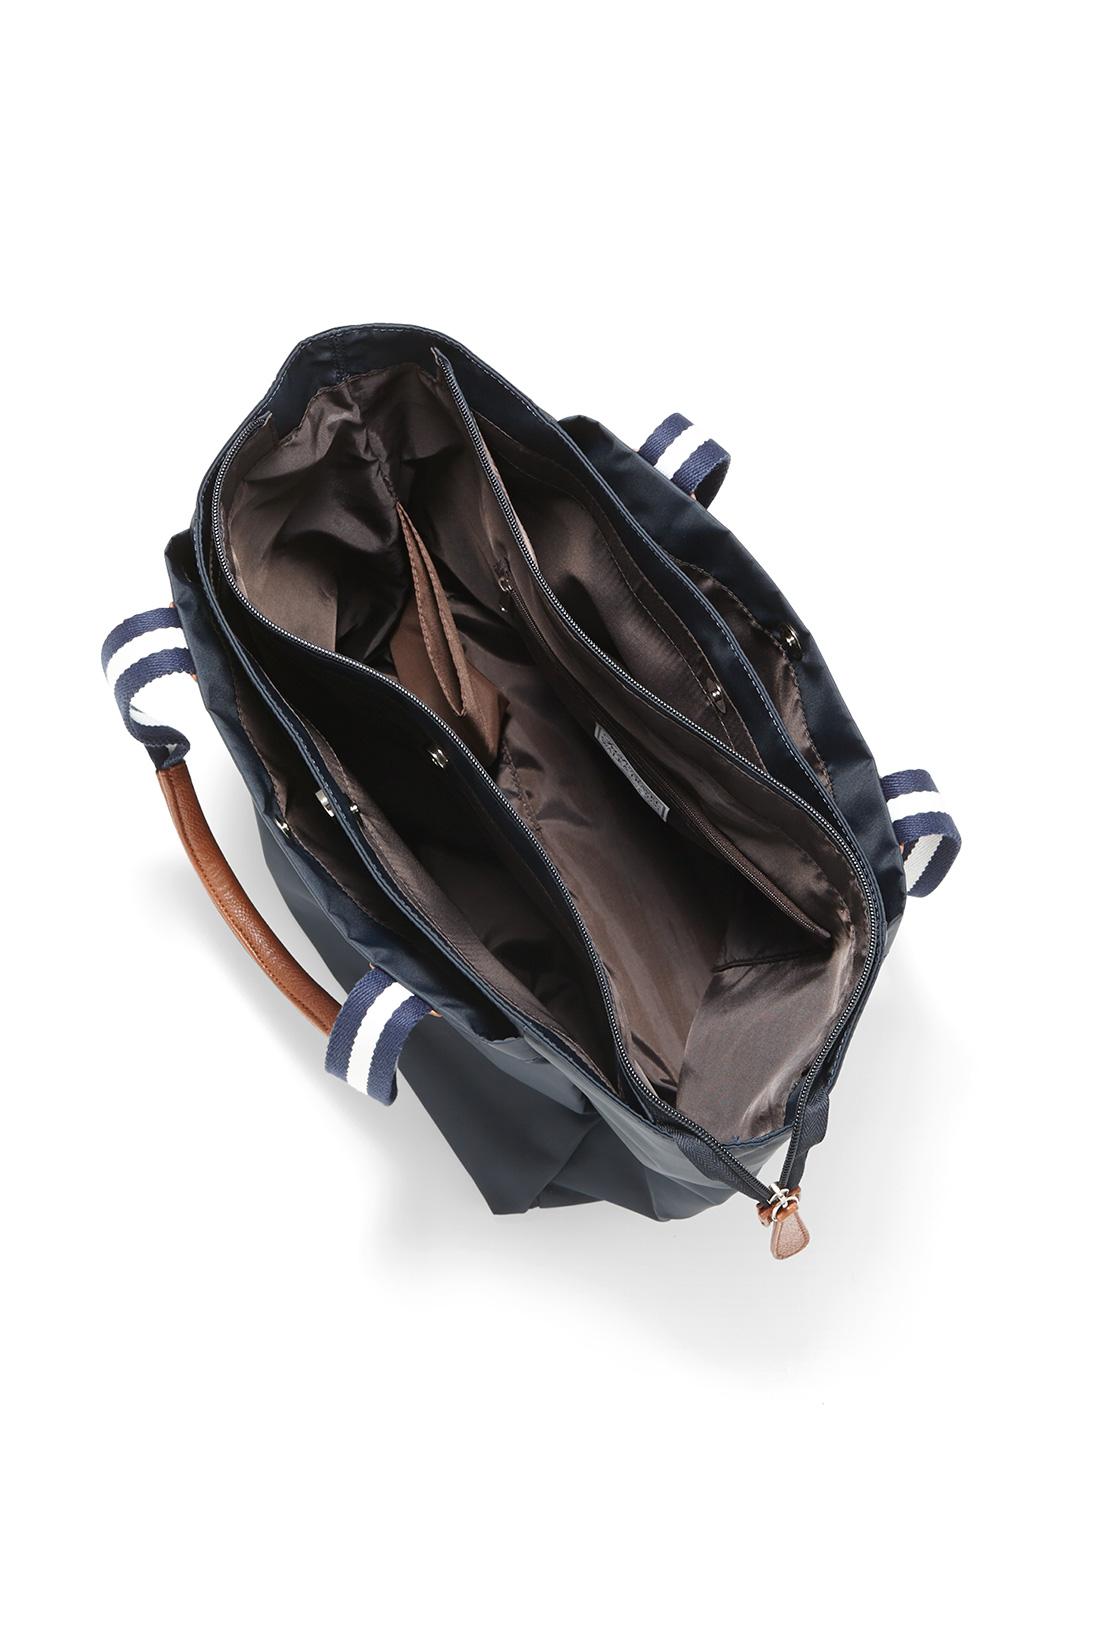 たっぷり入って、すっきりまとまる3部屋構造 ガイドブックや雑誌など、少し大きめのものがサクッと入って取り出しやすい外ポケット2つに、バッグ内迷子を防ぐ指定席ポケット3つなど、合計5つのポケットにドリンクホルダーも装備。底が幅広なので安定感があり、しっかり収まります。